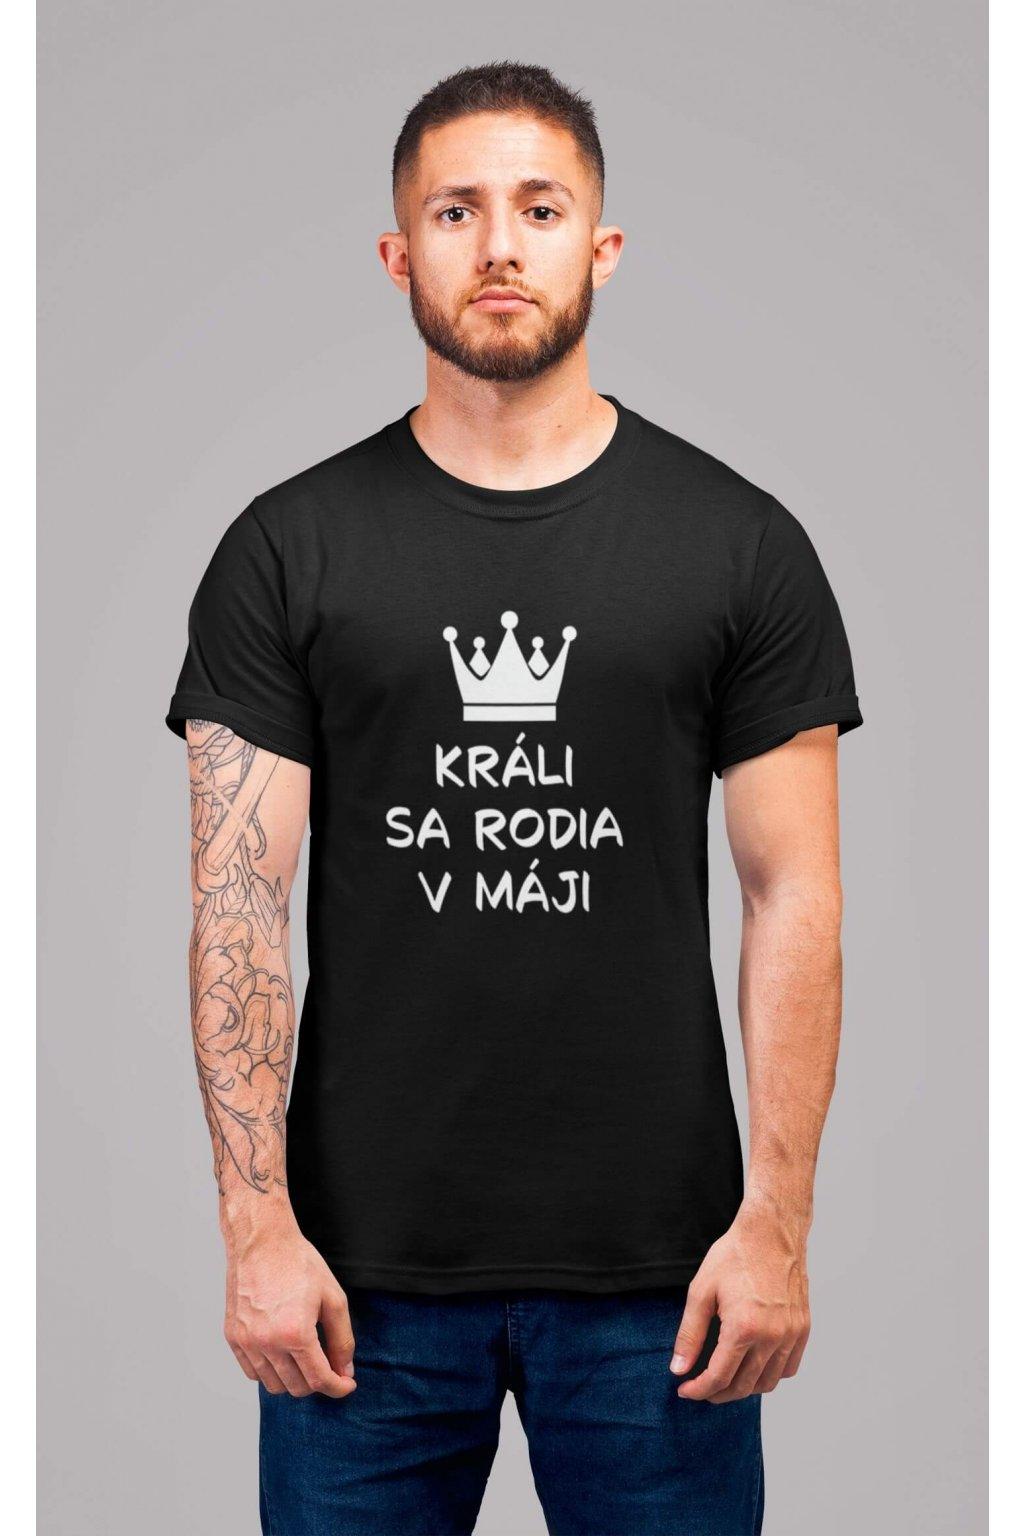 Pánske tričko Králi sa rodia v máji